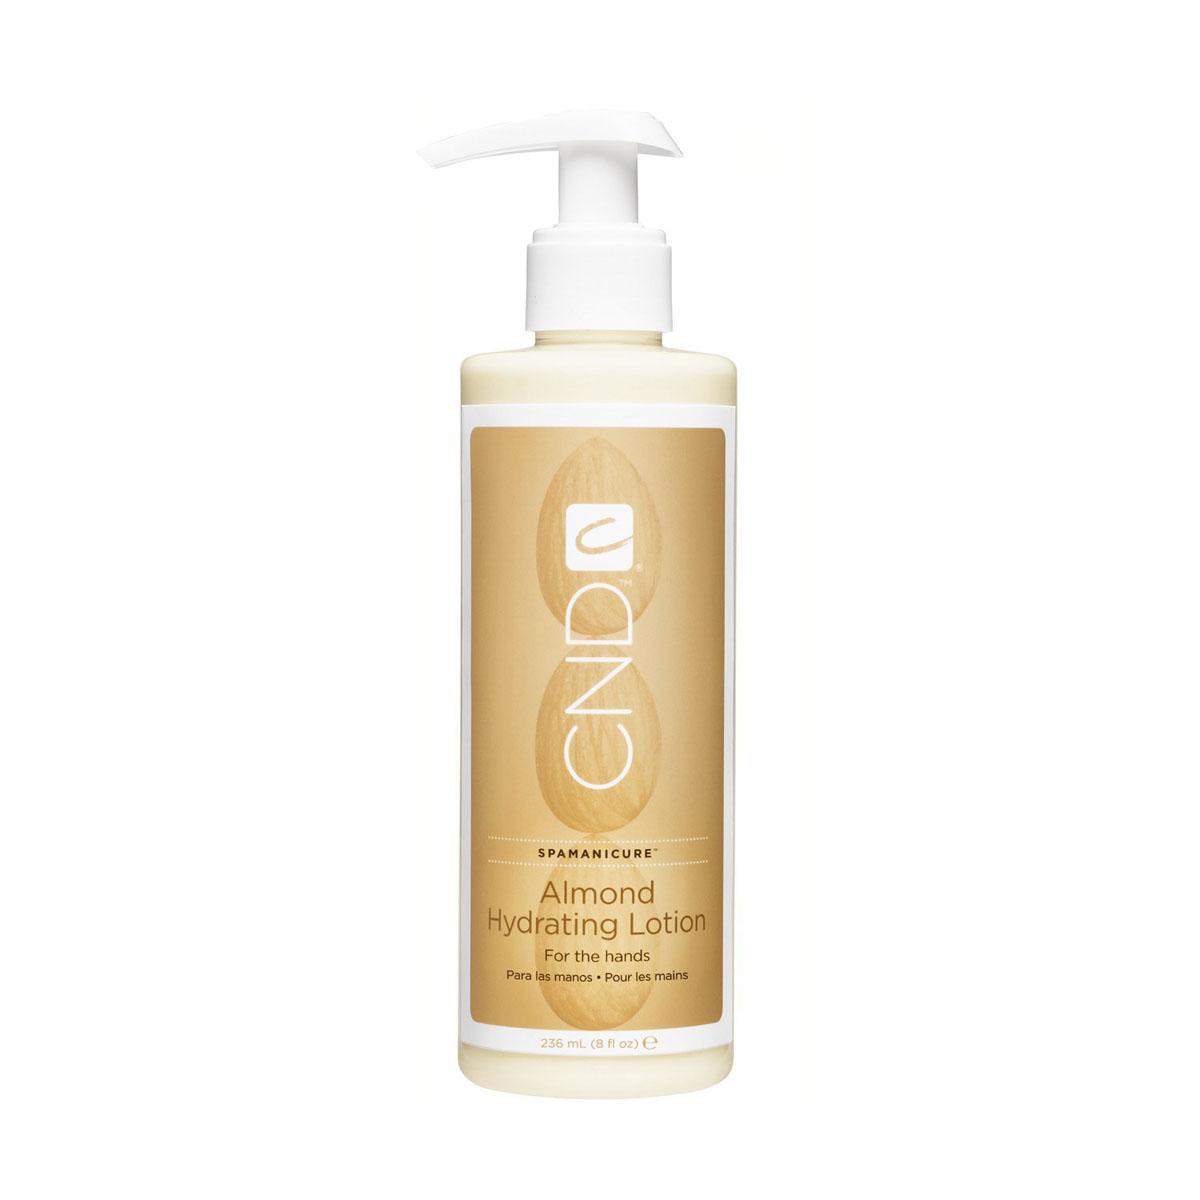 CND Almond Hydrating Lotion Увлажняющий лосьон для рук и тела, 236 мл14184Превосходный увлажняющий лосьон для рук и тела, с натуральным миндалем. В состав средства также входит витамин Е, масло жожоба, которые идеально разглаживают мелкие морщинки и выравнивают цвет кожи, легко впитывается, не оставляет жирного эффекта. Содержащийся в лосьоне глицерин удерживает влагу в коже, за счет чего кожа всегда выглядит ухоженной и свежей. Нет ощущения стянутости, излишней сухости. Также среди основных компонентов, входящих в состав лосьона подсолнечное масло, которое смягчает кожу. Благодаря этому компоненту лосьон может применяться для массажа. Используется как в домашних условиях, так и в SPA-салонах, как профессиональное средство для ухода за кожей рук и тела.